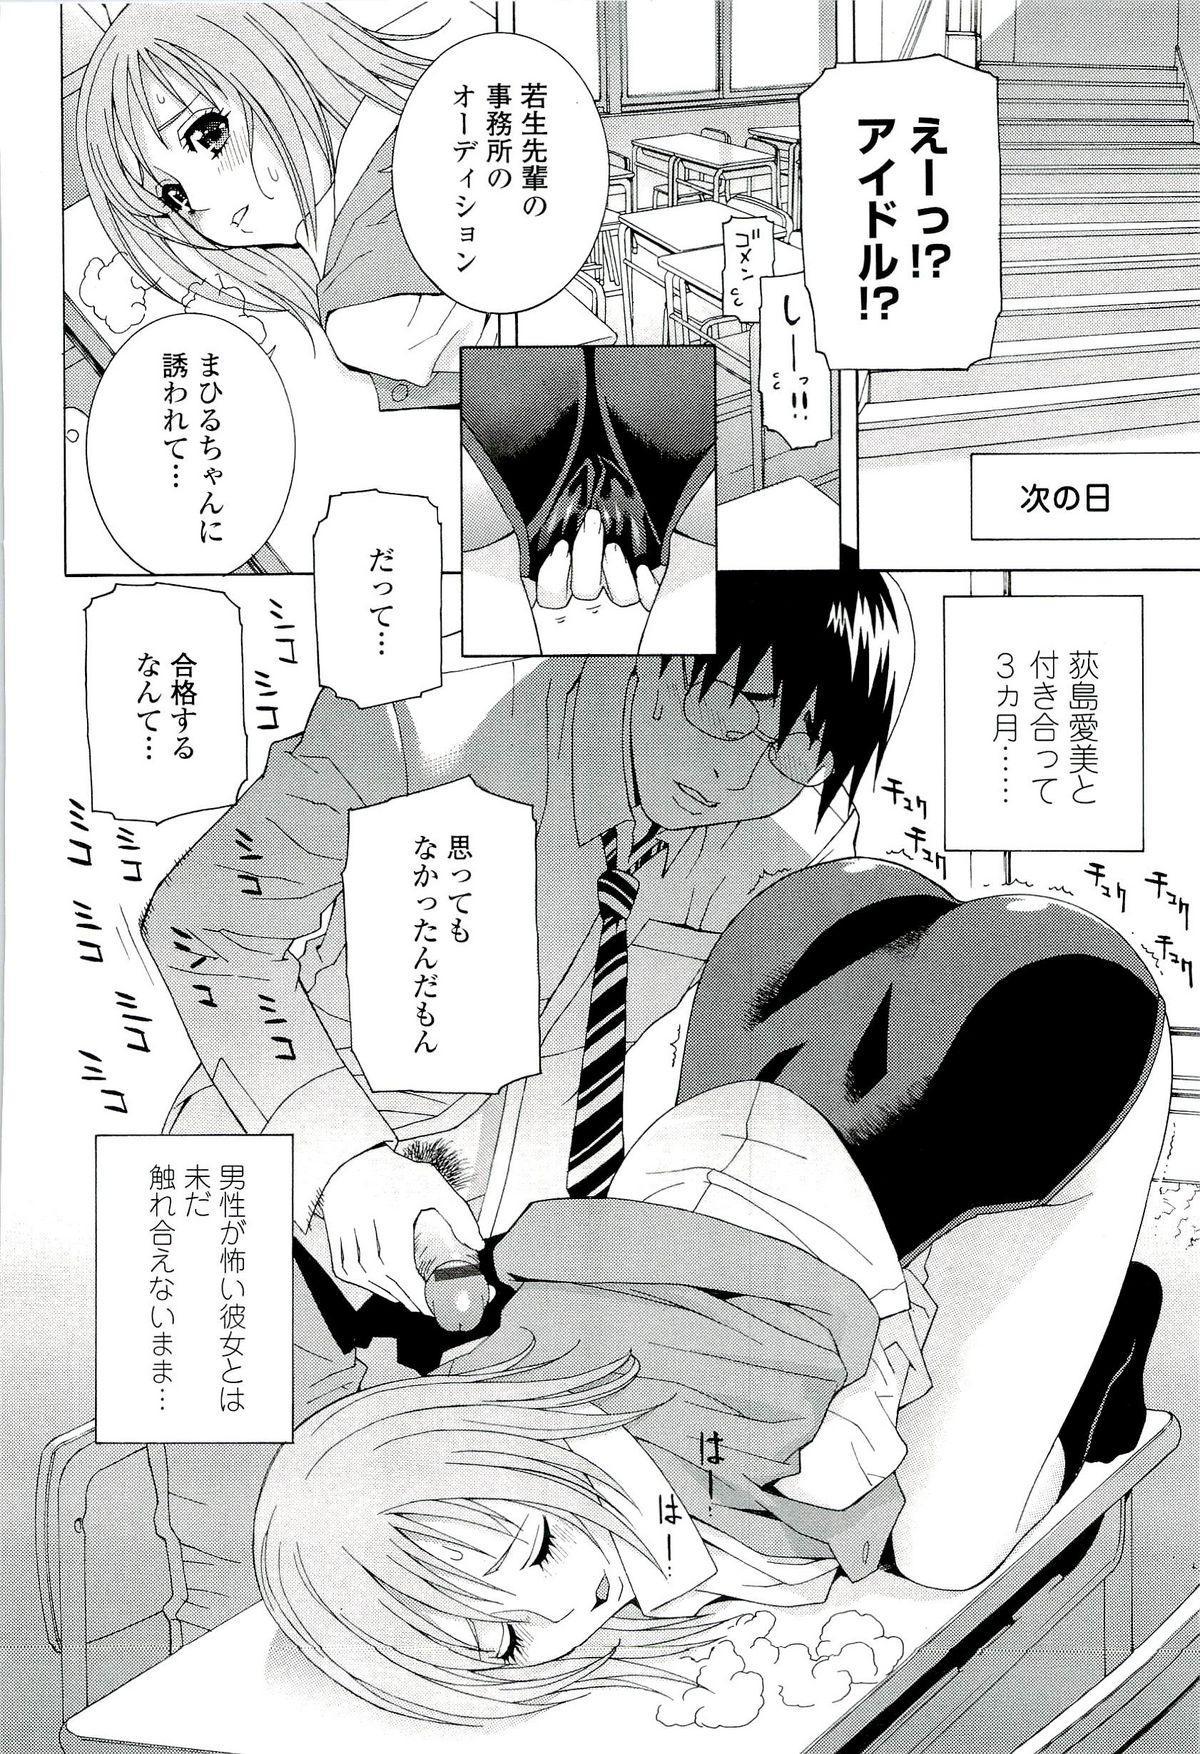 Ane ♡ Mai Love 159